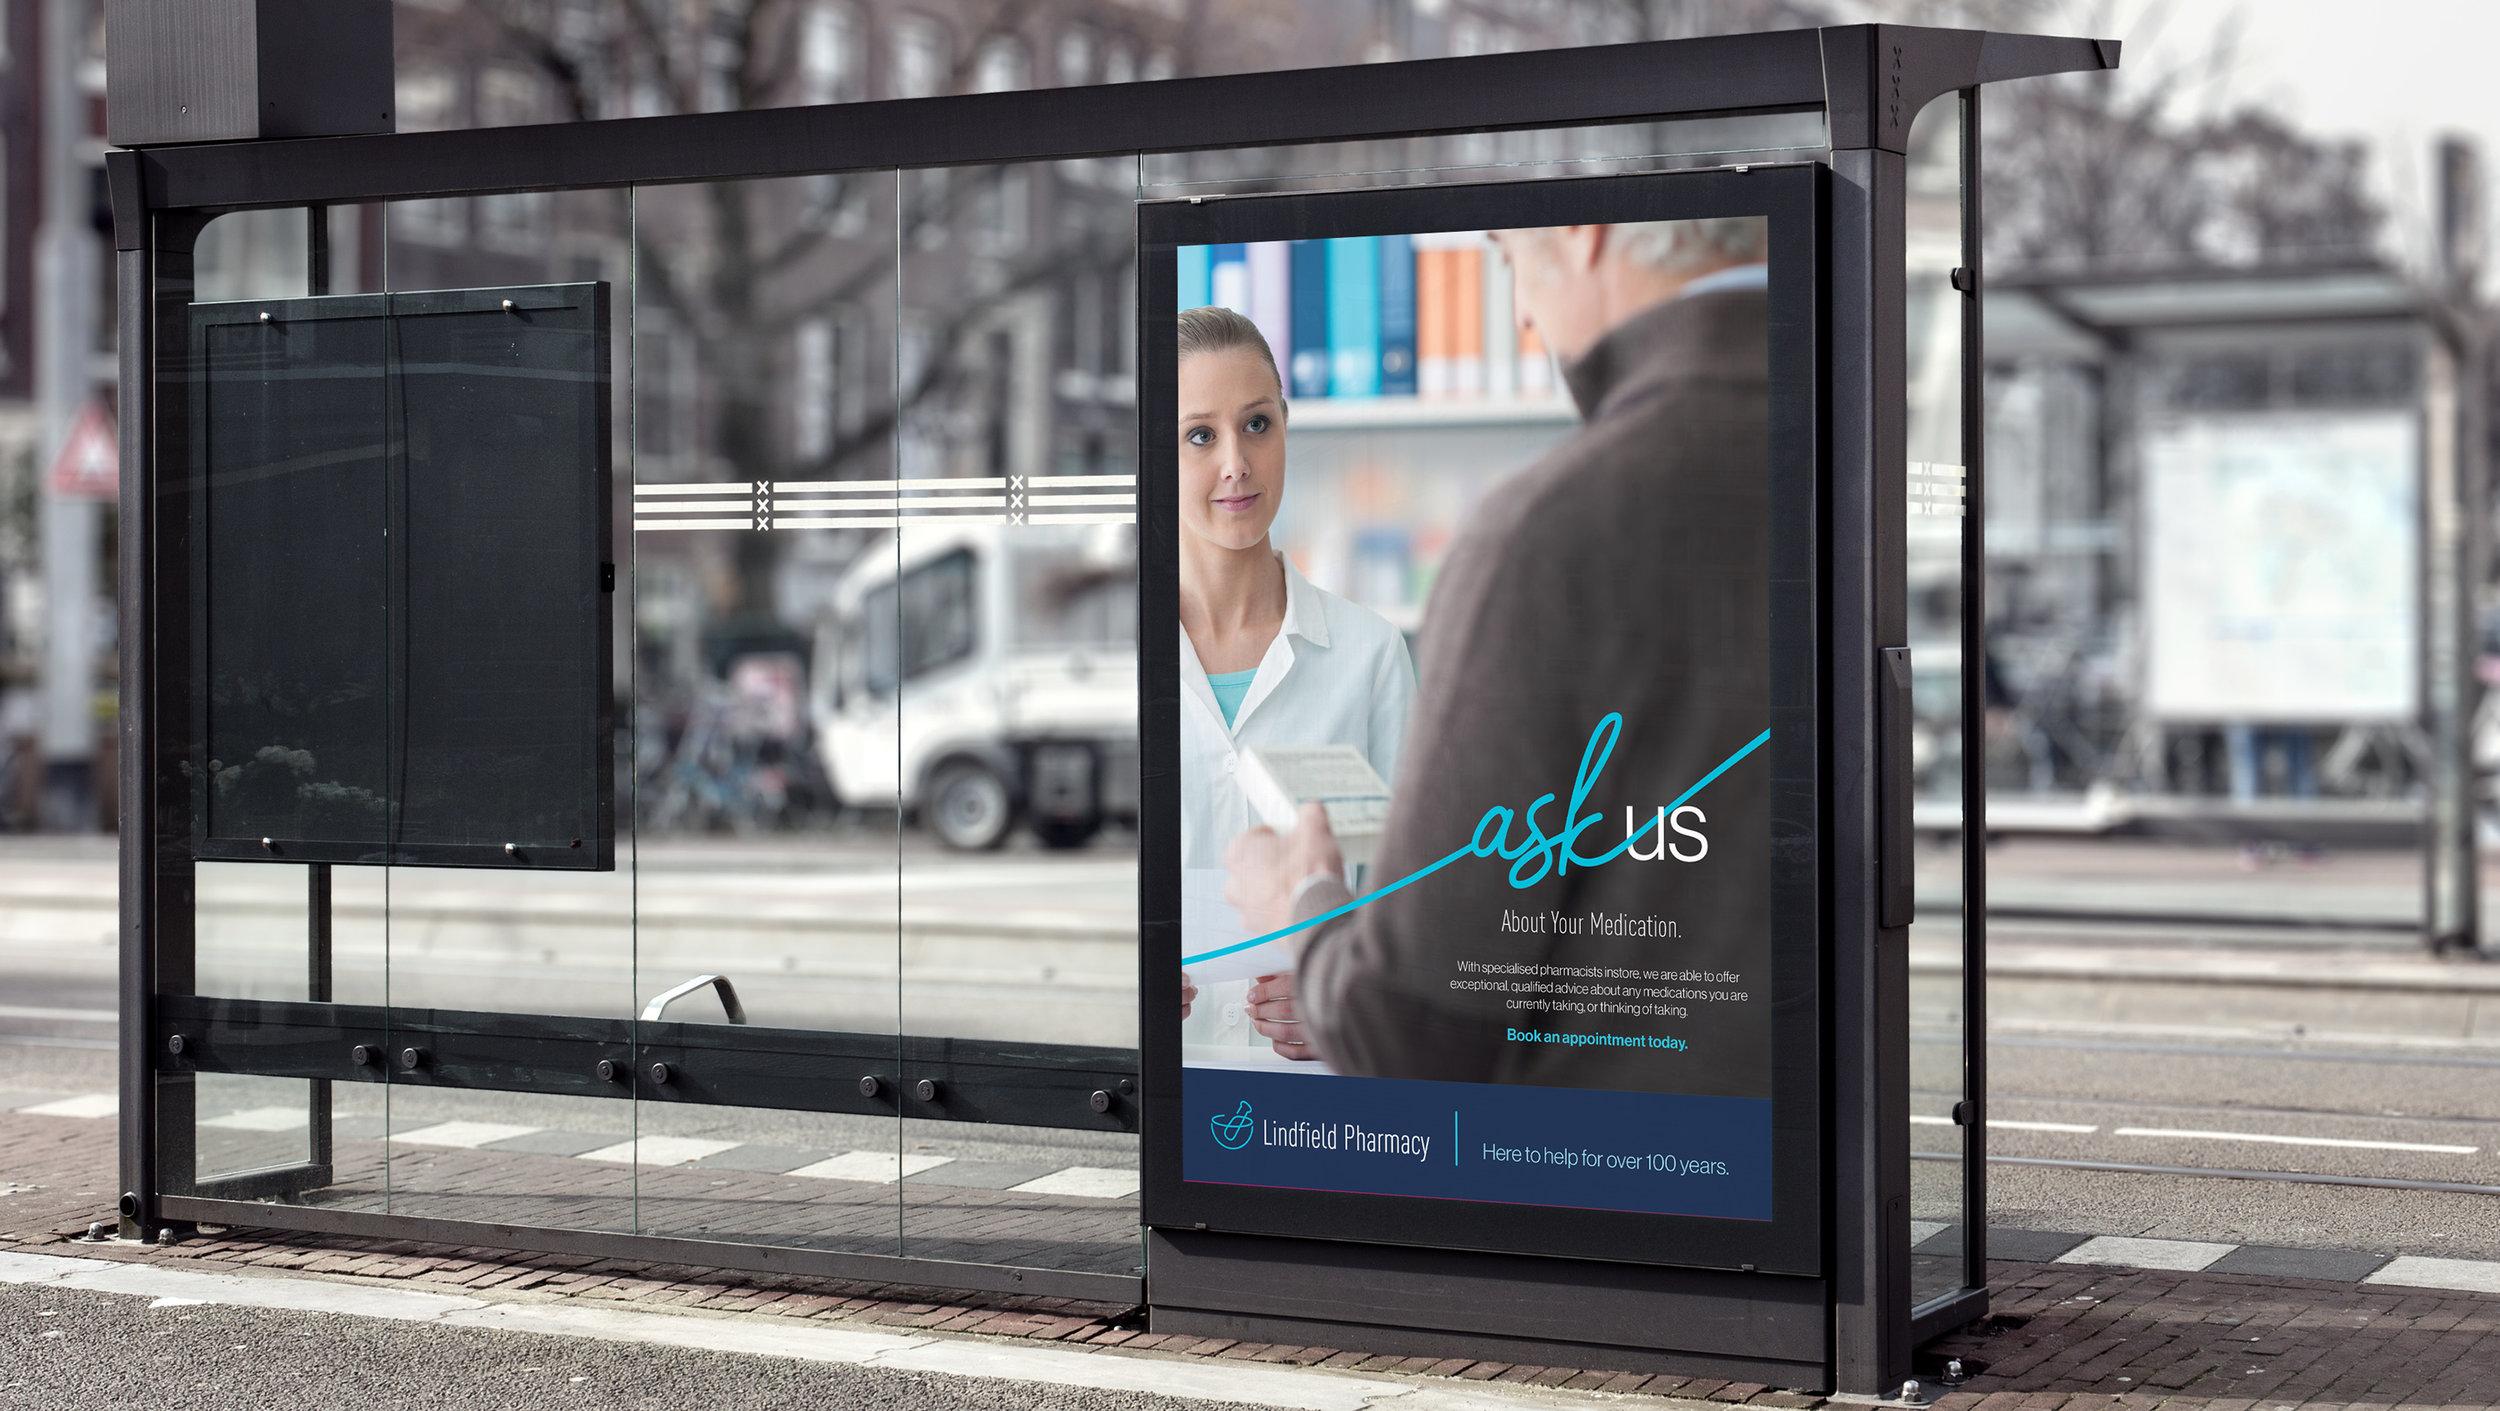 lindfield-pharmacy-bus-stop.jpg